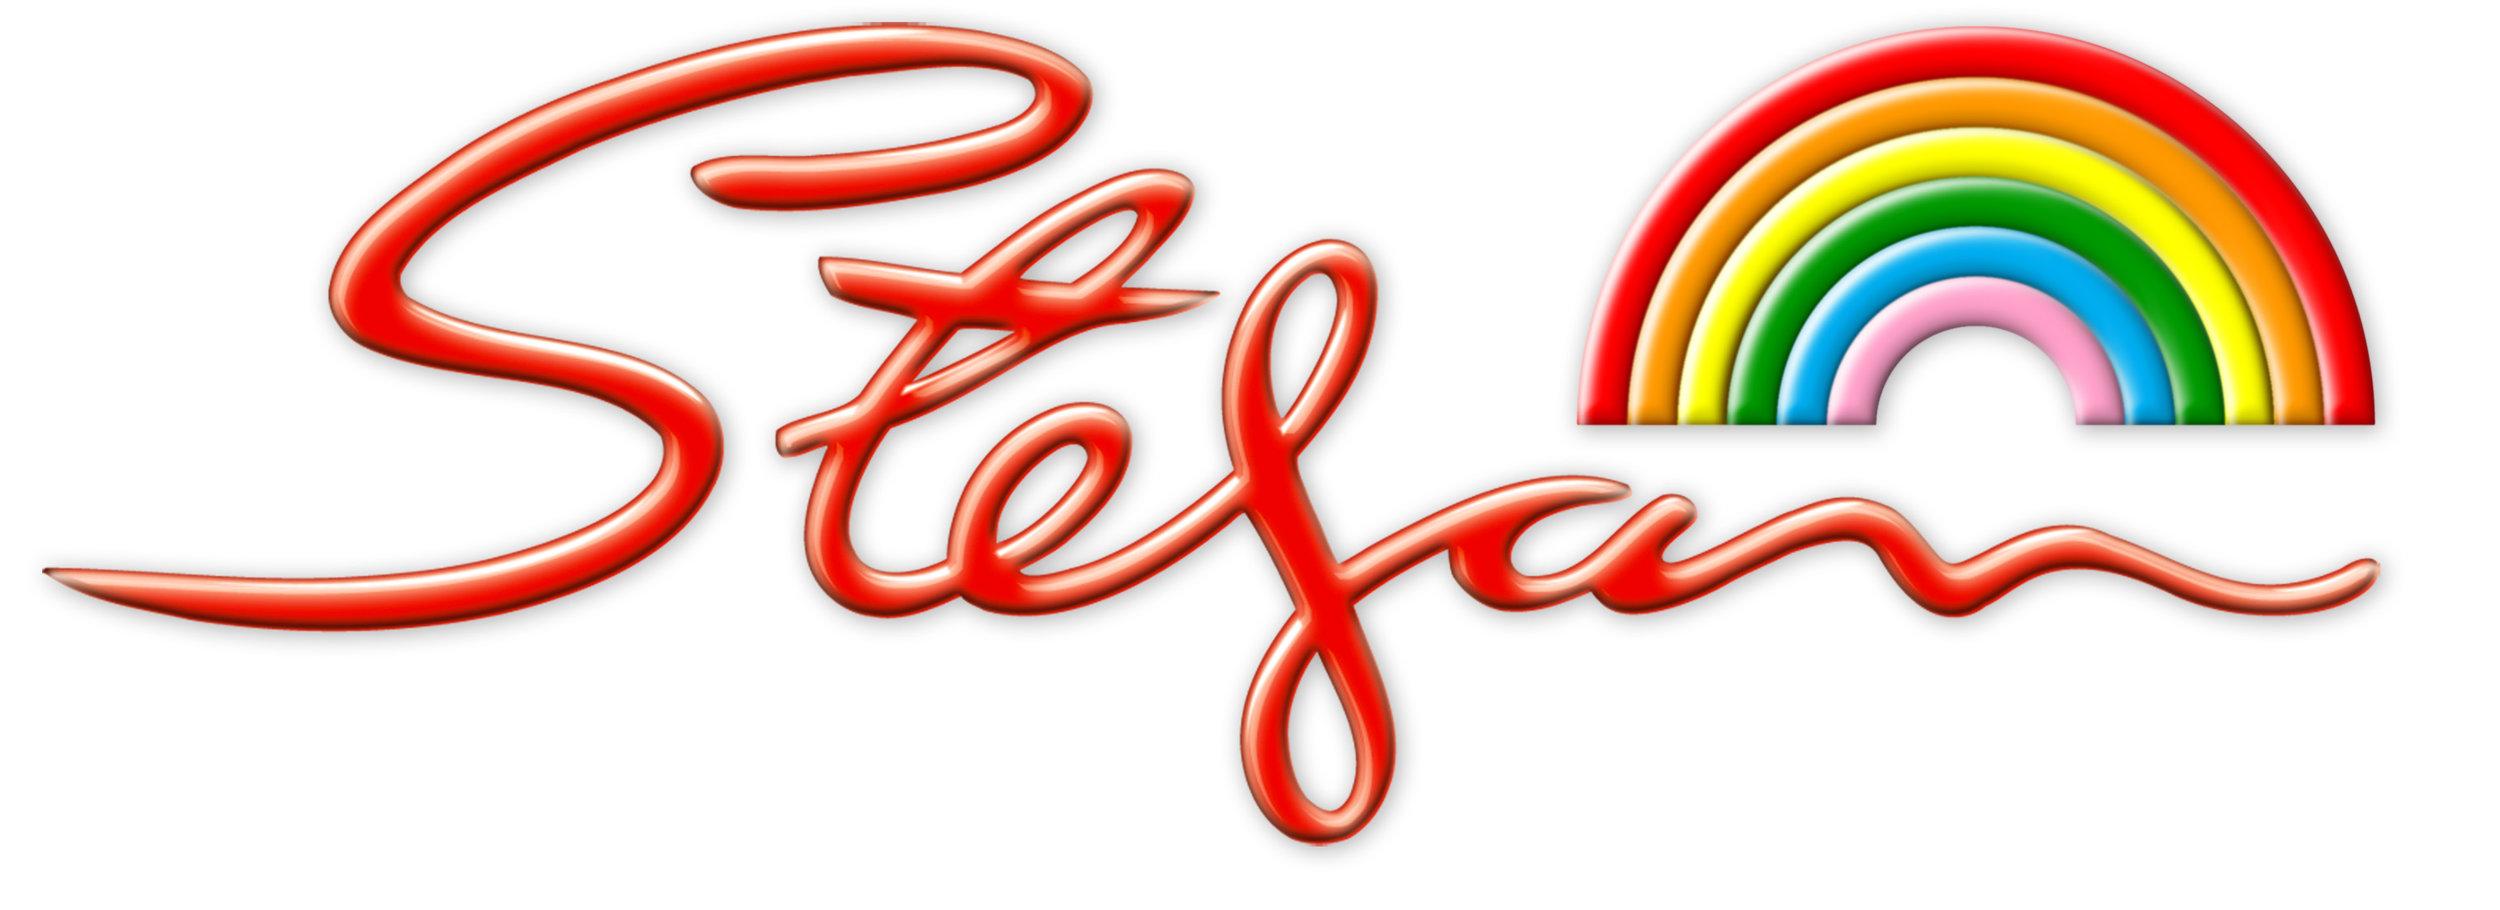 Stefan-Logo-1.jpeg